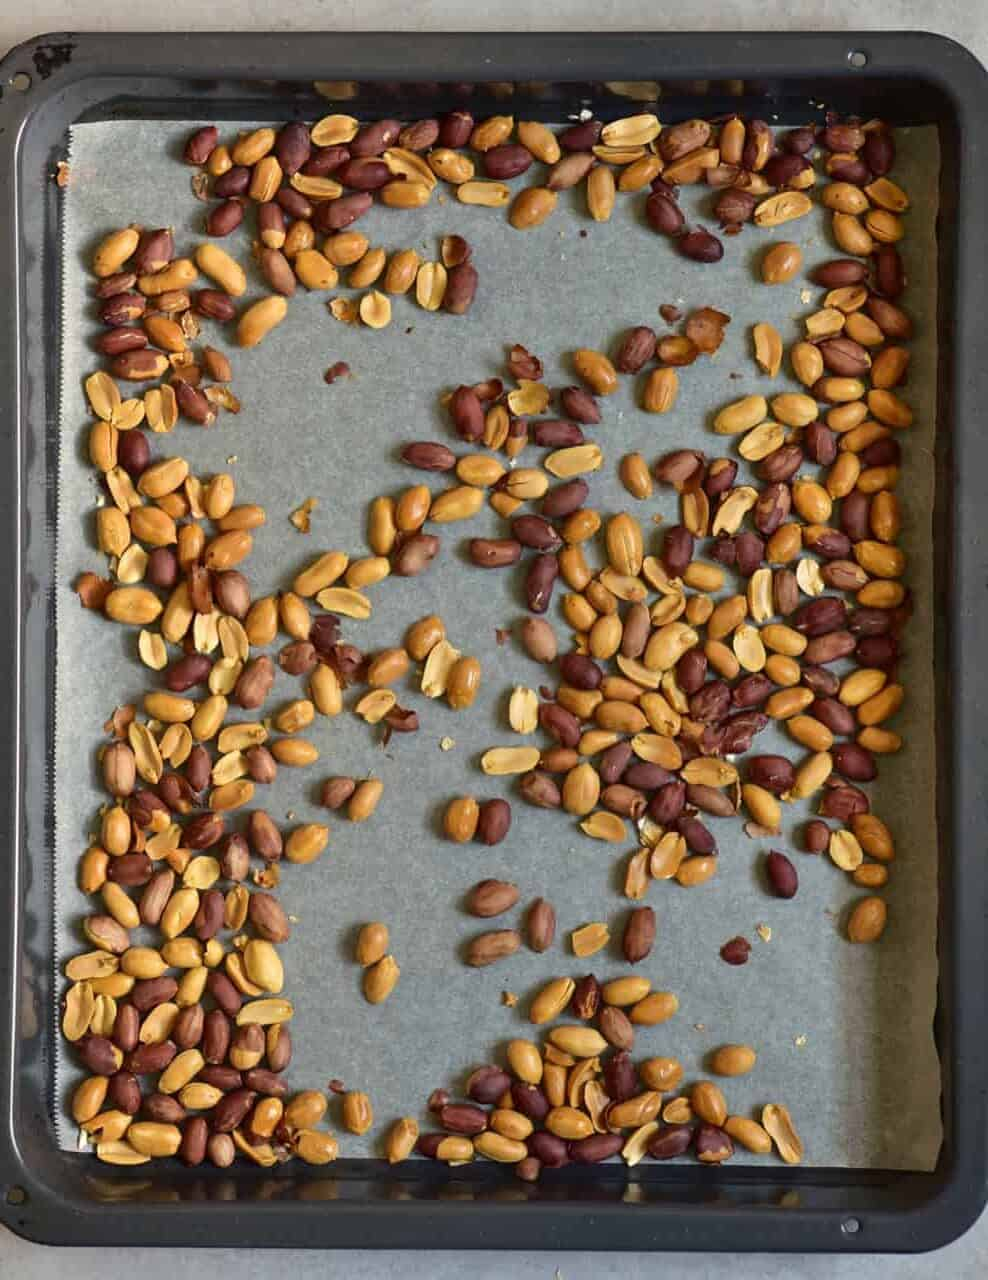 A tray of roasted peanuts